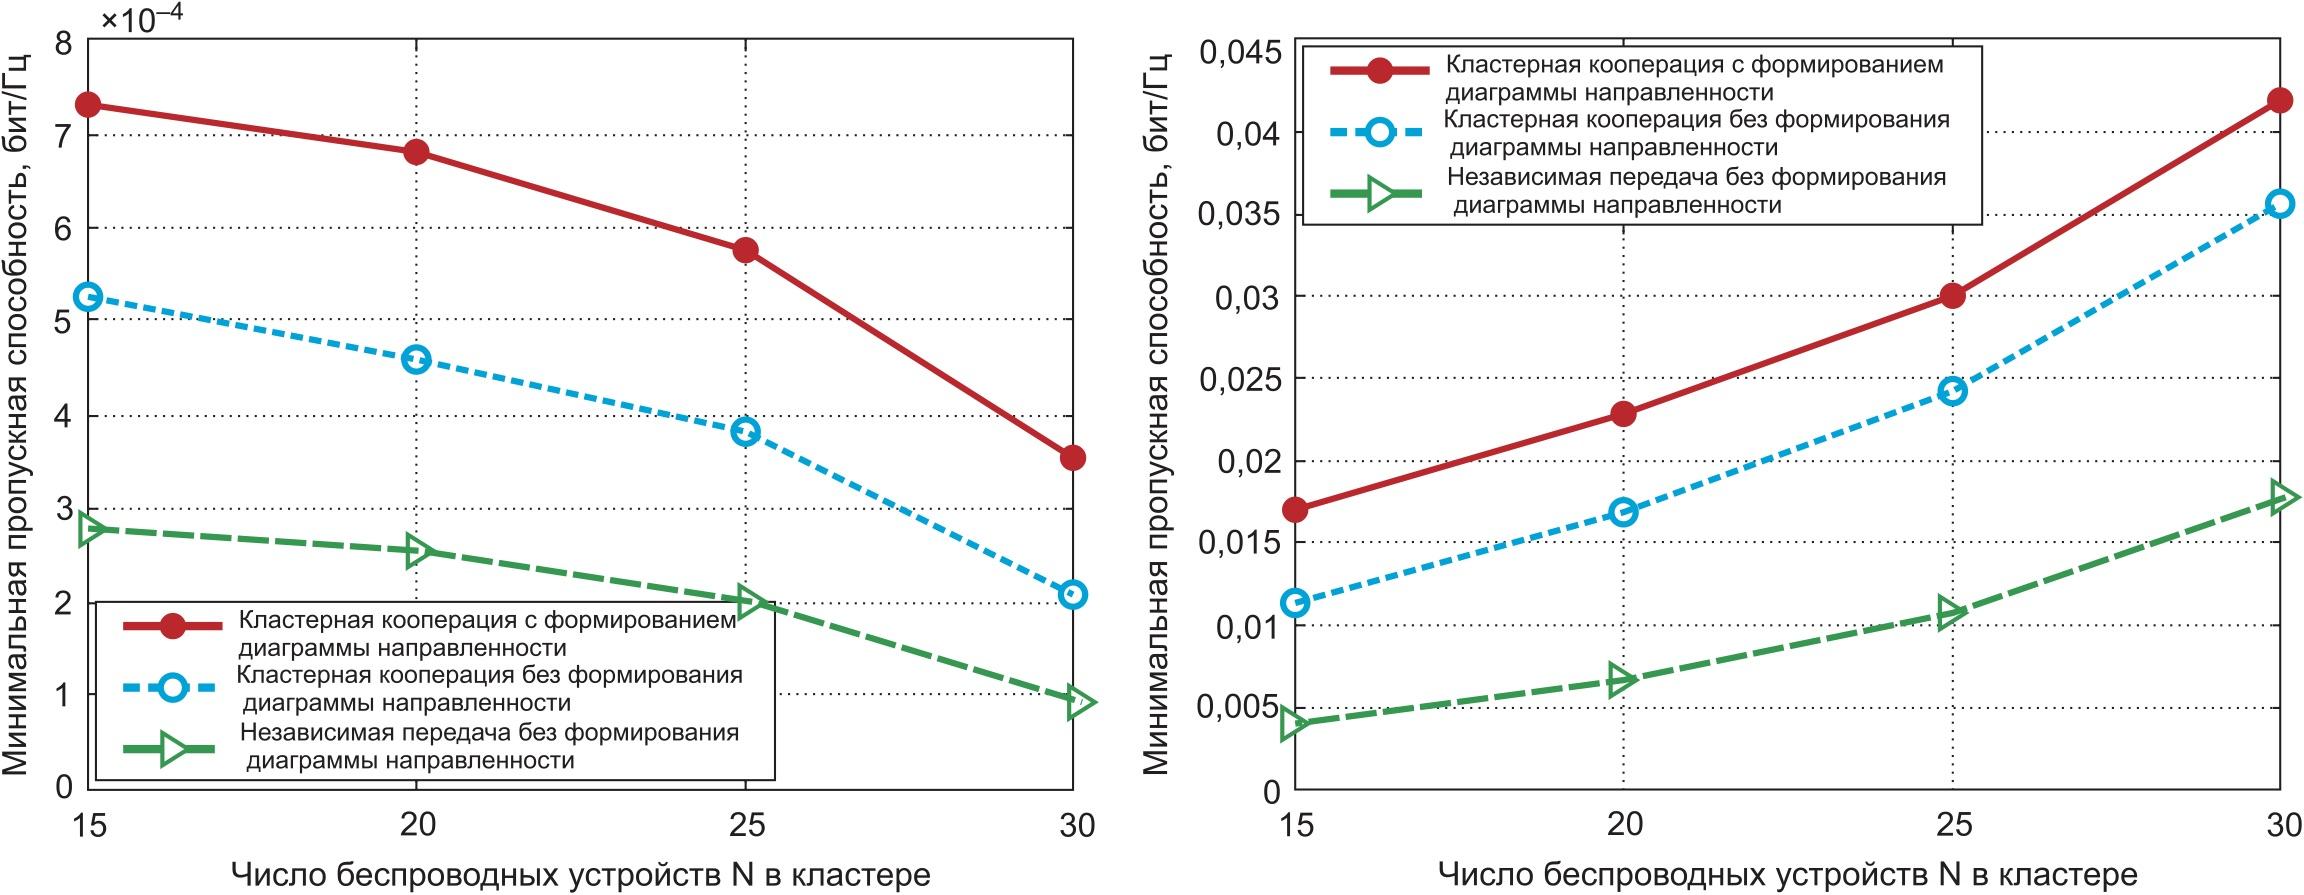 Сравнение производительности по пропускной способности различных решений передачи данных при изменении количества узлов N в кластере